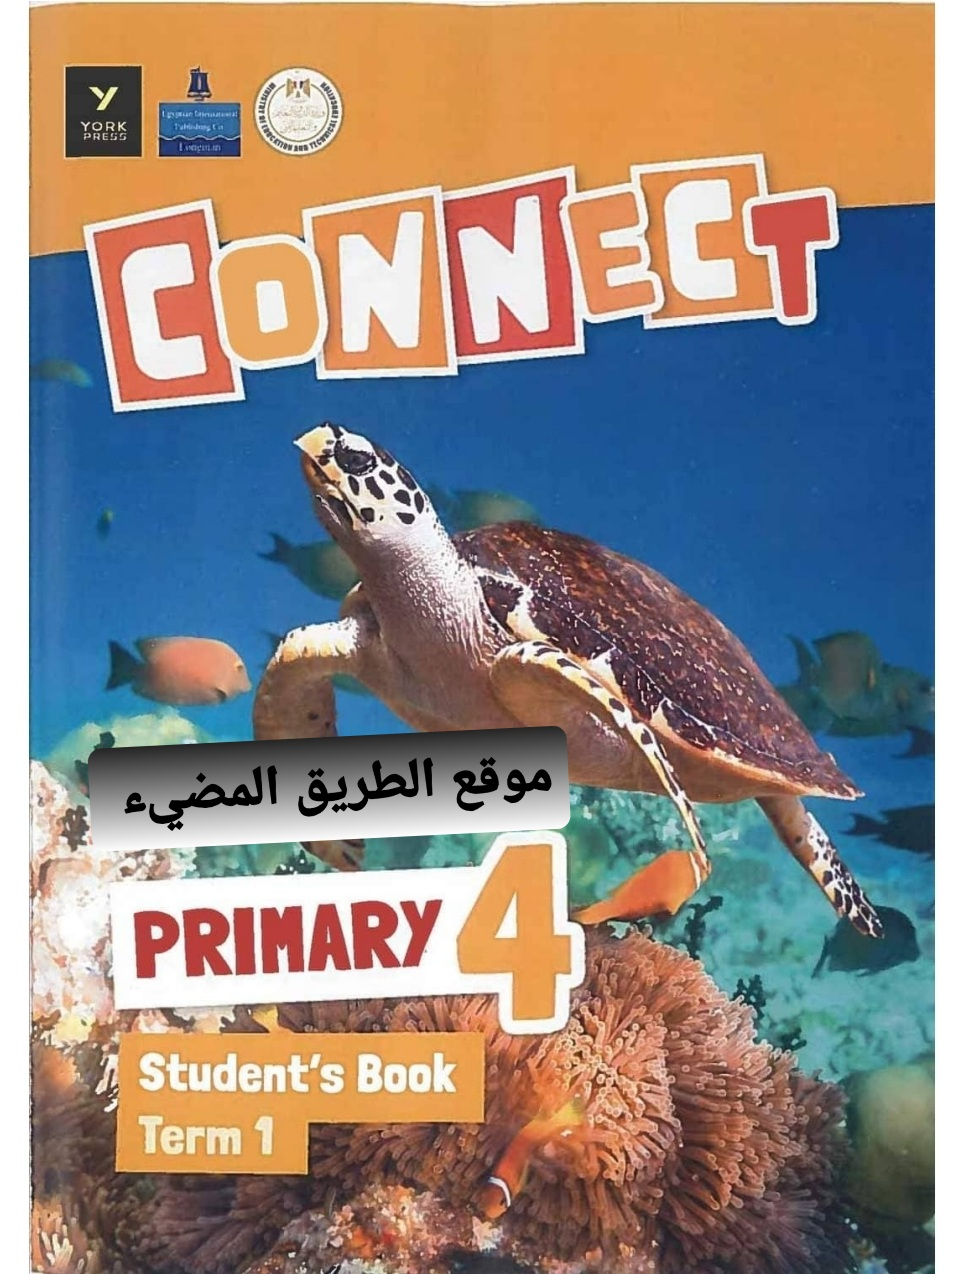 منهح اللغة الانجليزية للصف الرابع الابتدائى الترم الاول 2022